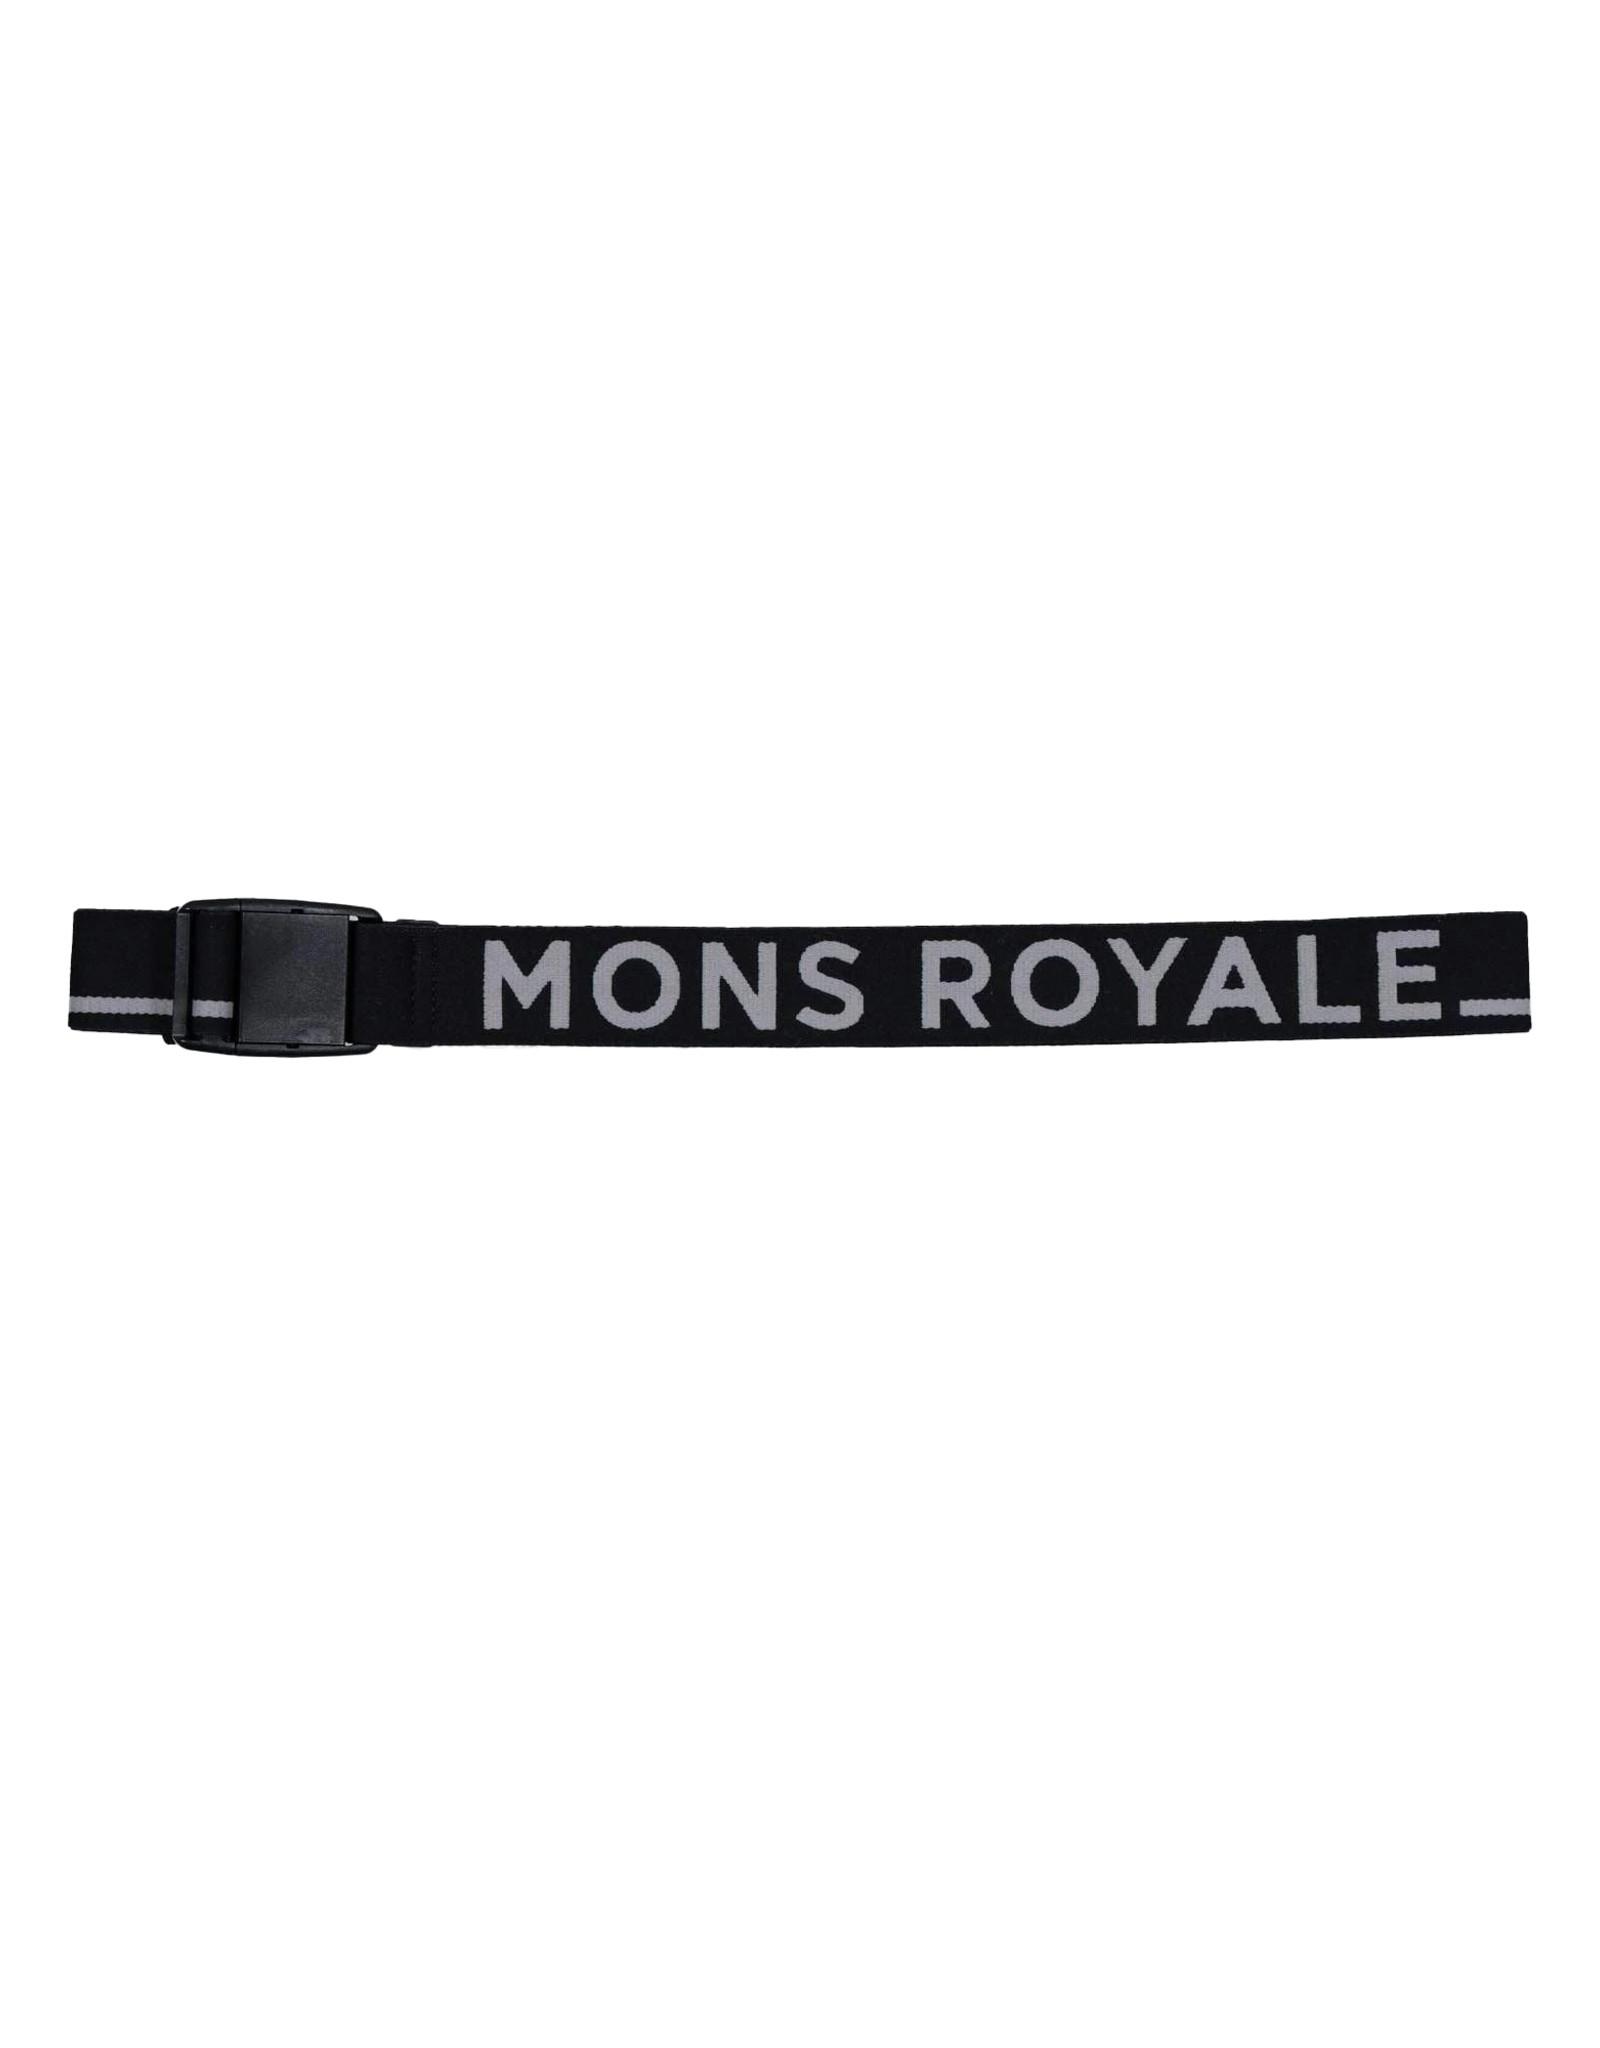 Mons Royale Ceinture Mons Royale